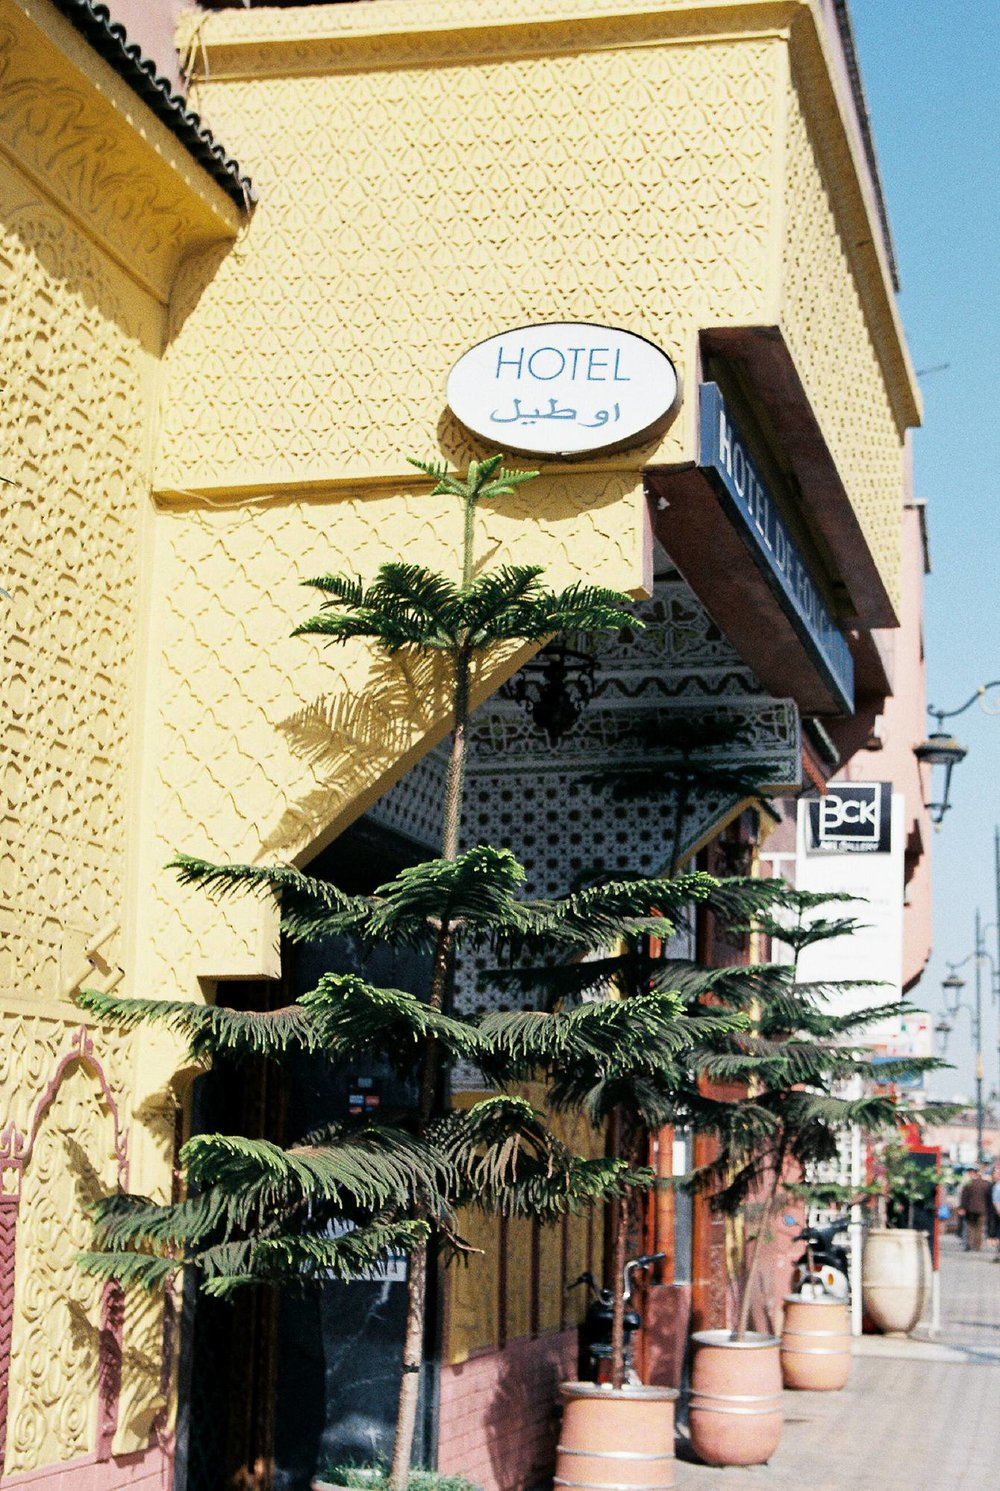 Marrakesh Hotel Kodak Portra